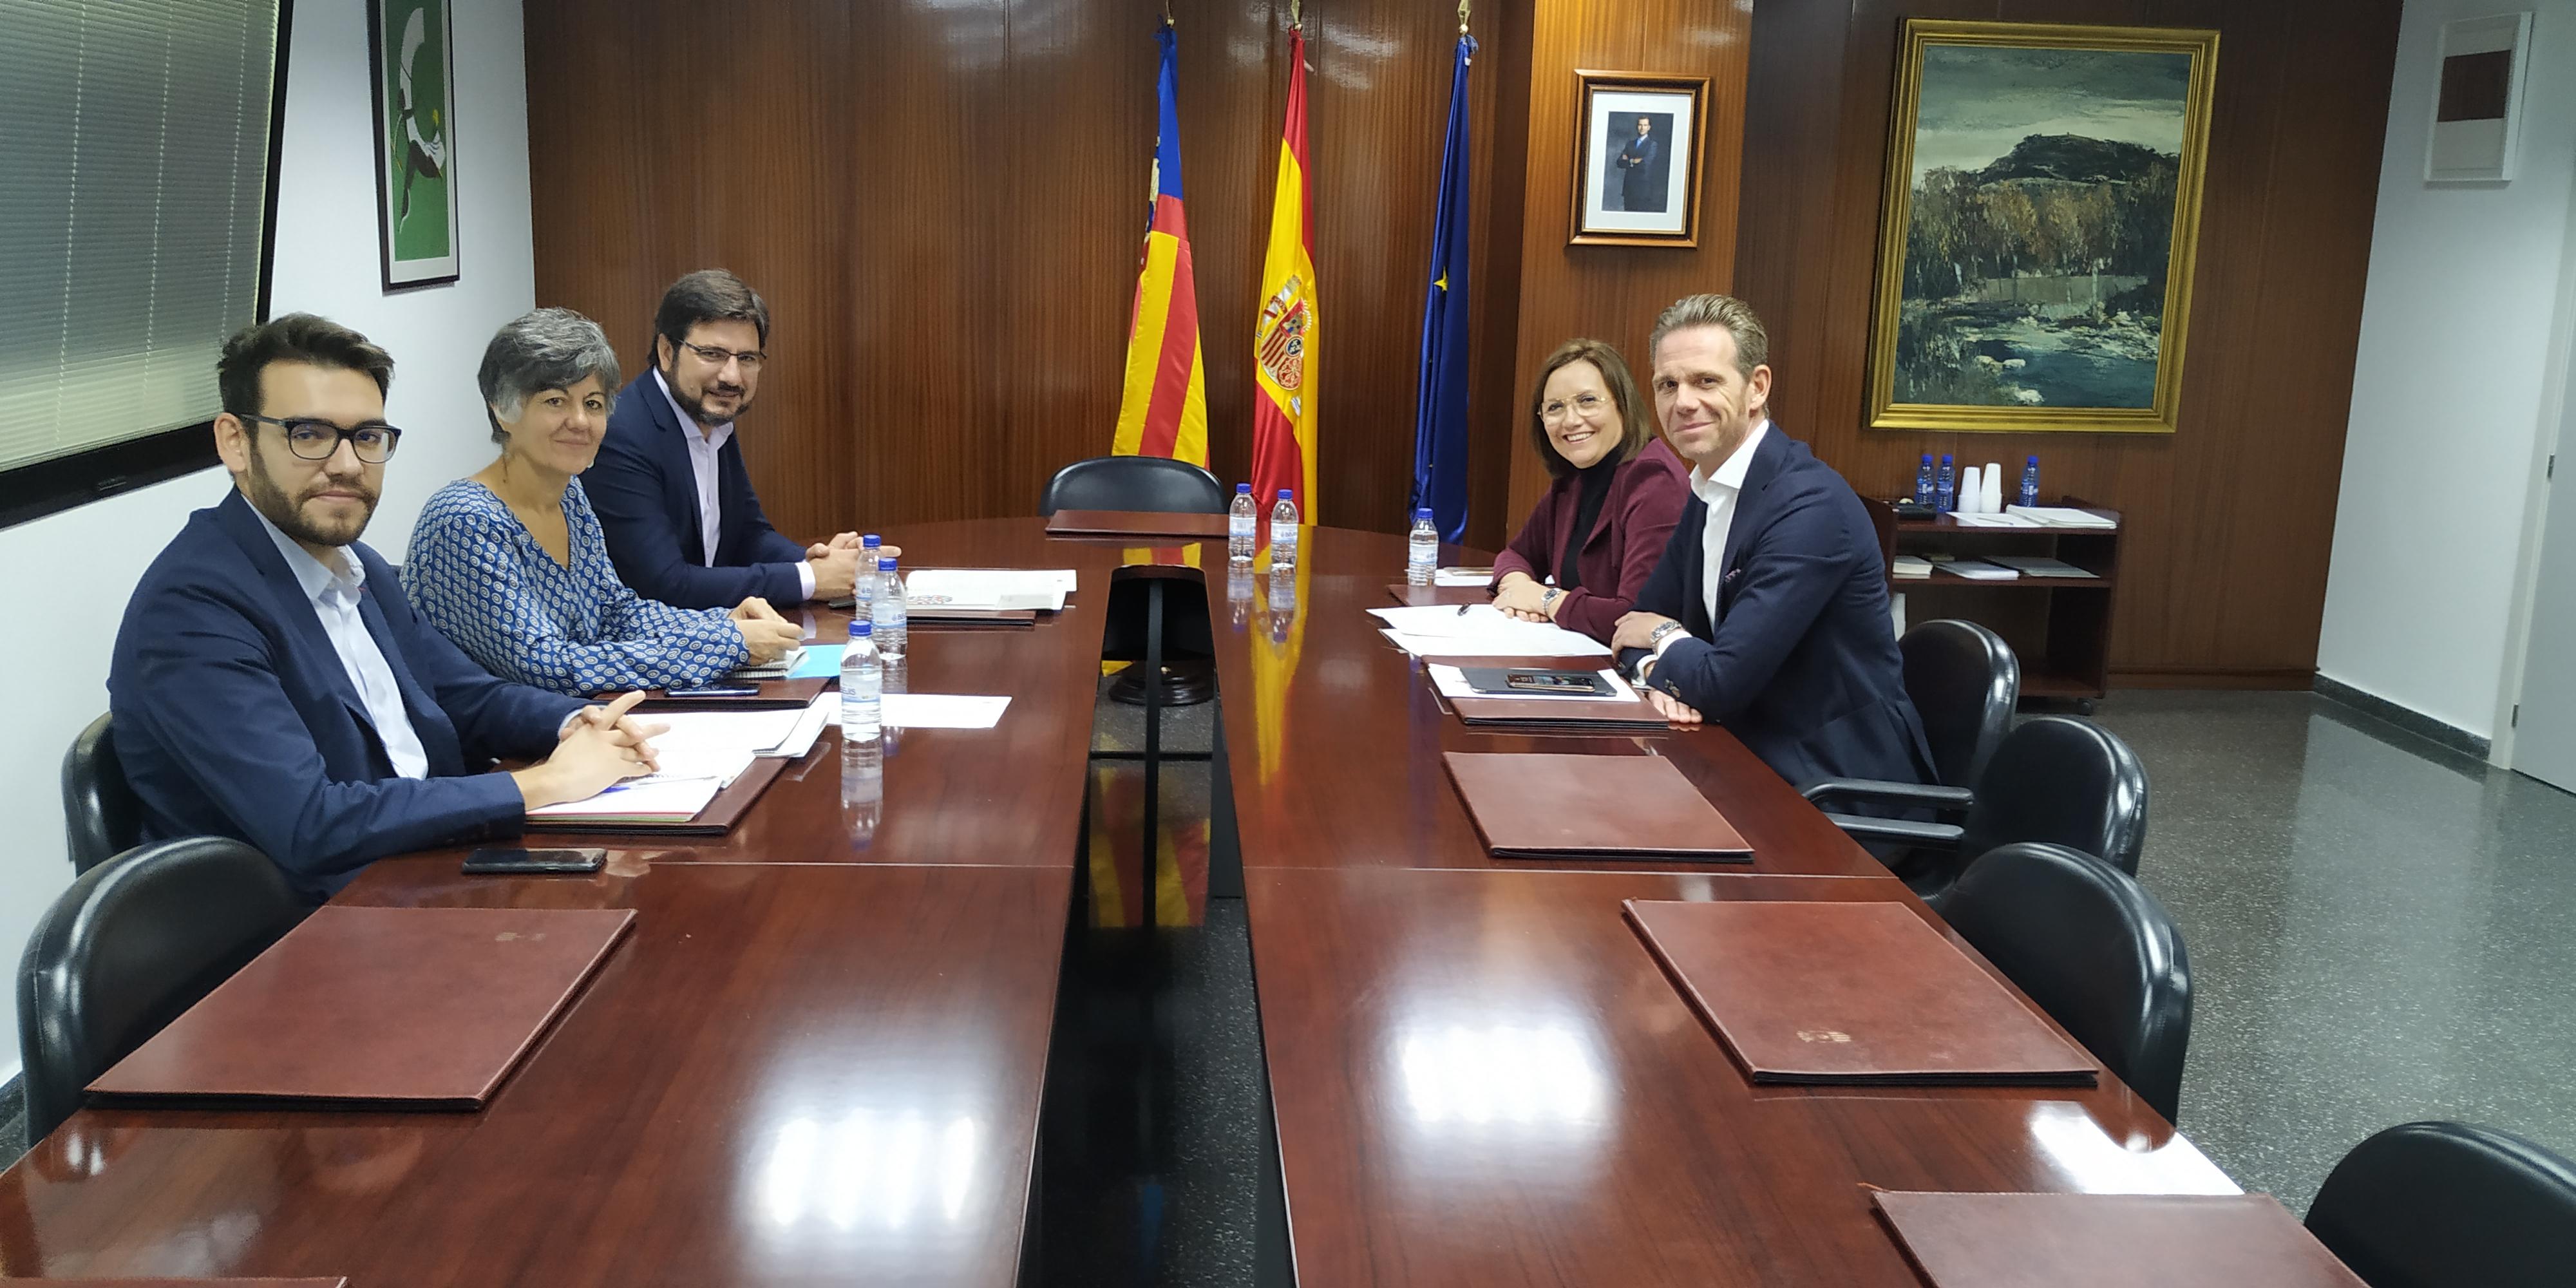 La Generalitat i la Diputació de Castelló enfortiran la seua col·laboració en les polítiques de transparència i participació ciutadana